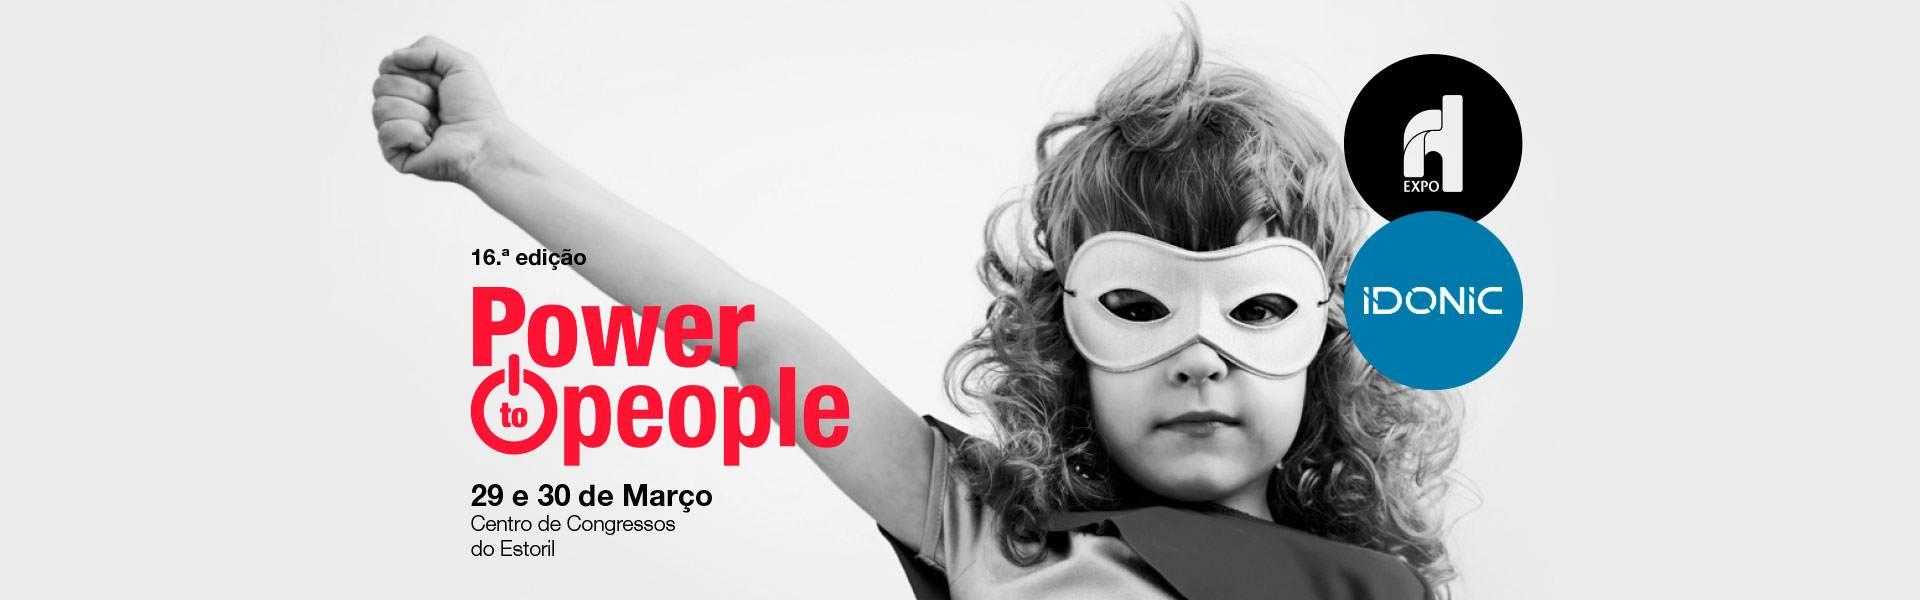 Expo RH, Recursos Humanos, Centro de Congressos do Estoril, Power To People, RHbizz, IFE, idonic, recursos humanos, controlo de assiduidade, controlo de acessos, picar o ponto, relógio de ponto, People Analytics, Inteligência Artificial, Adaptative Learning, Gig Economy